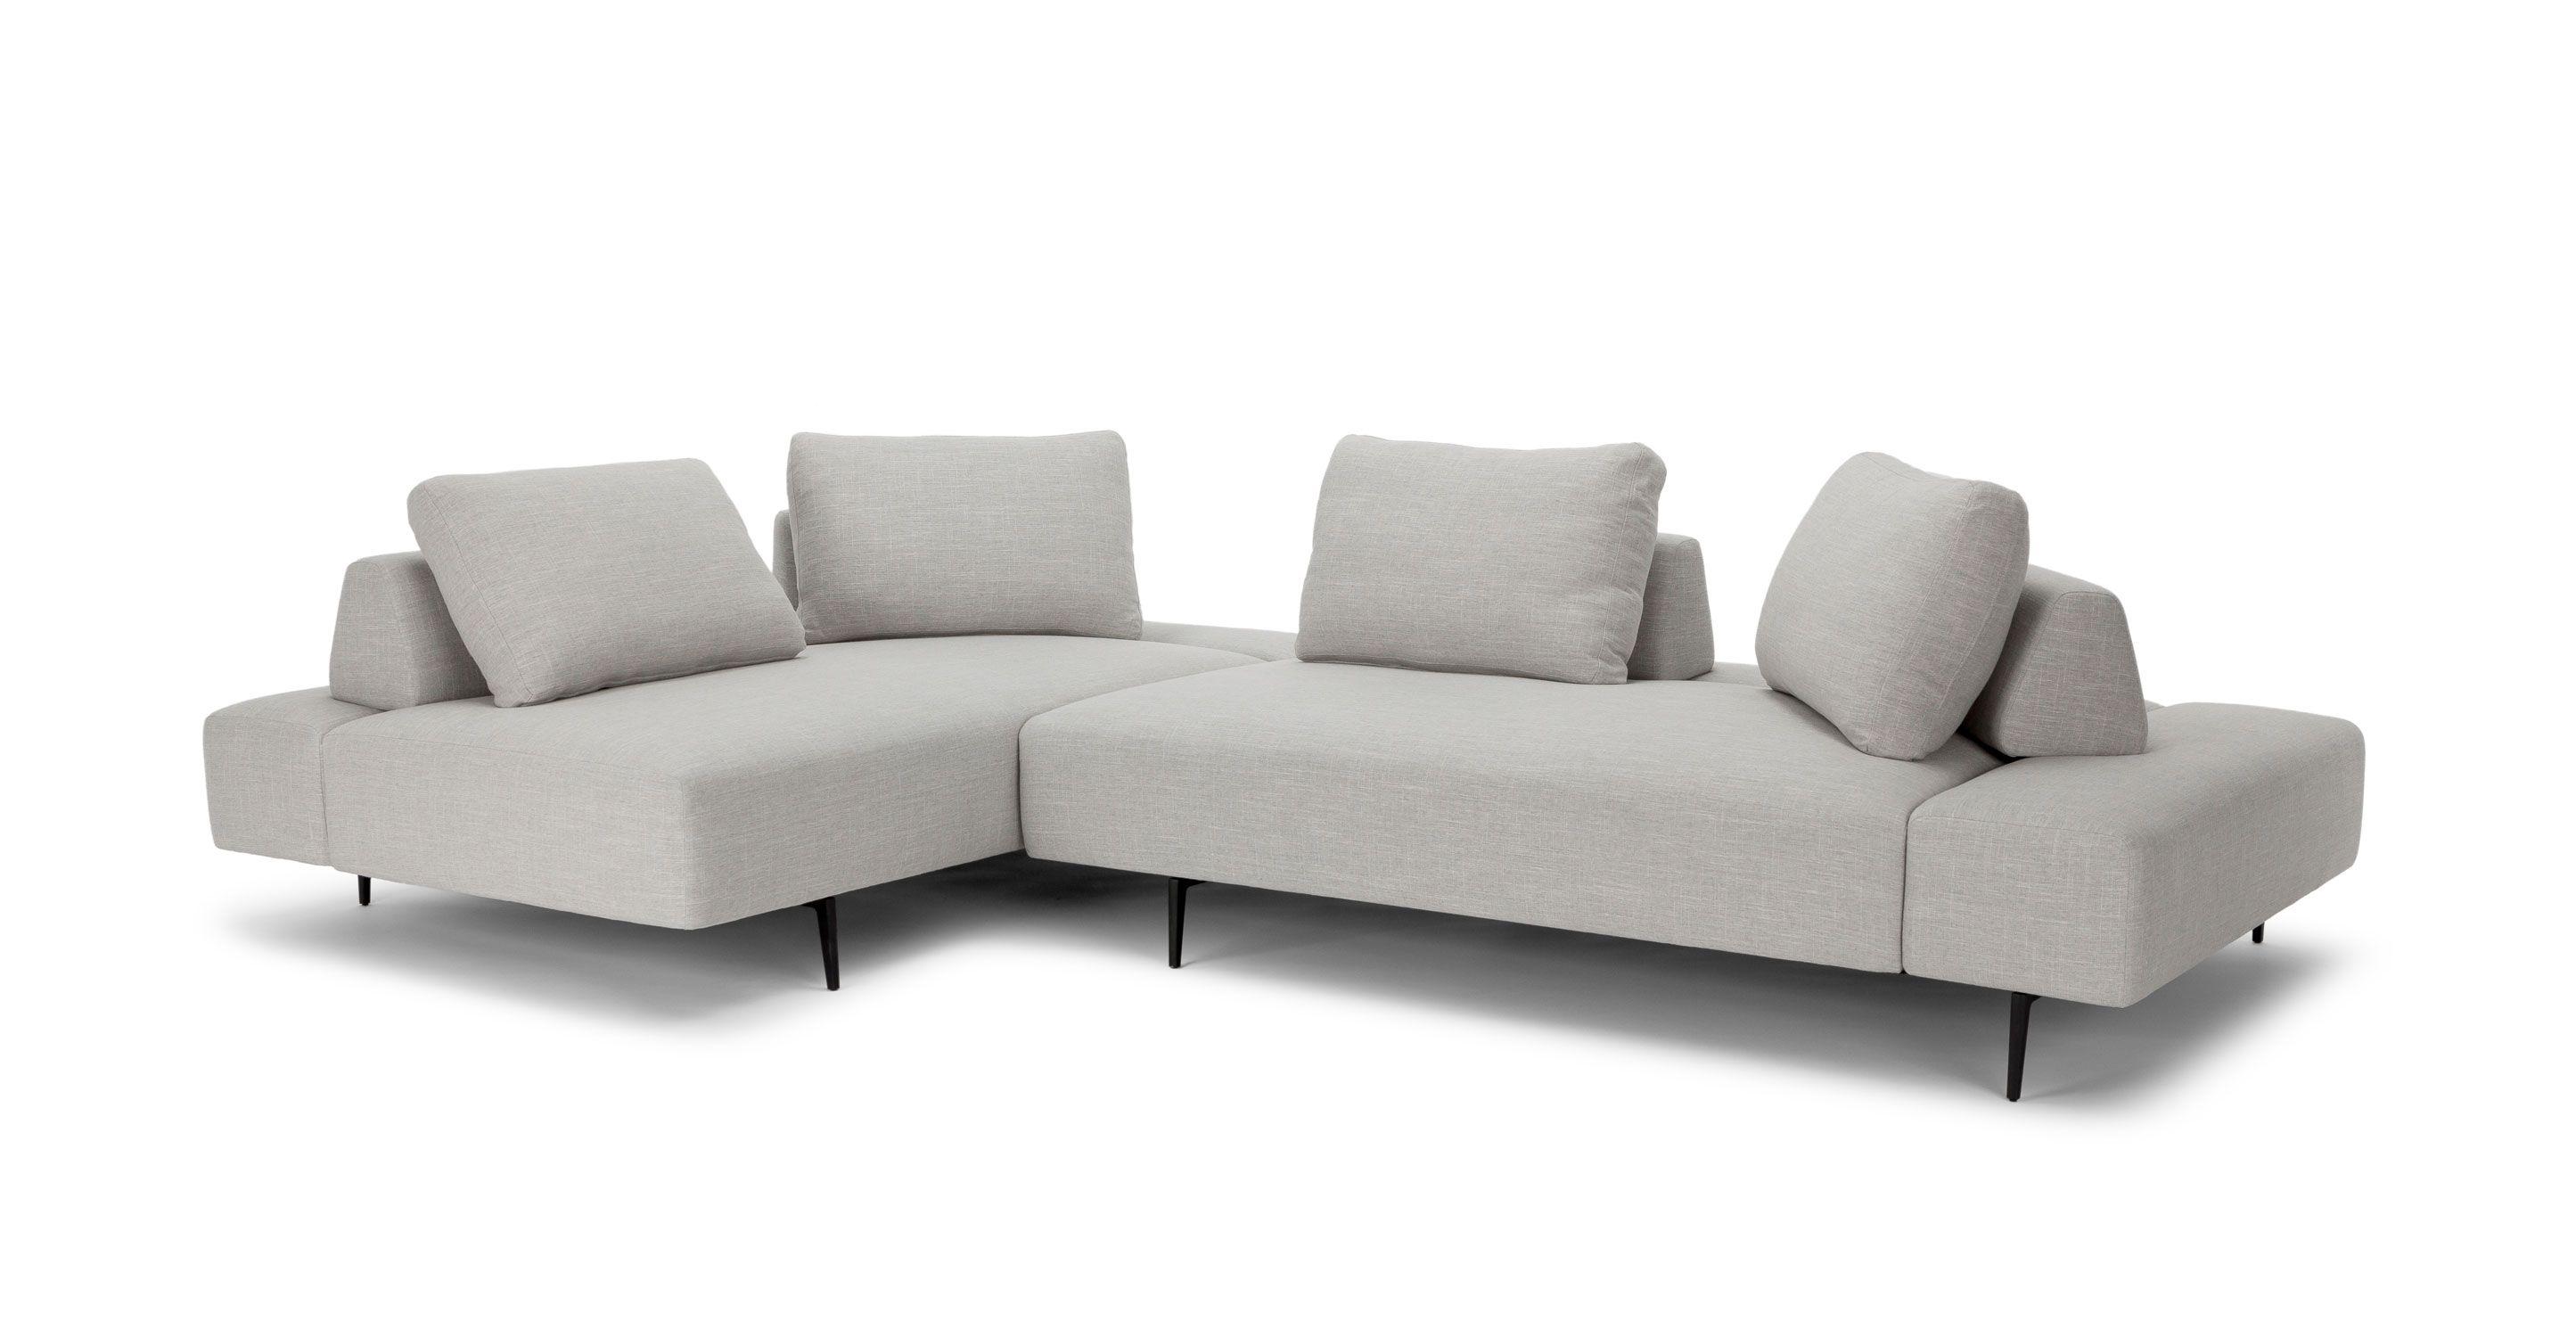 Light Grey Modern Sectional Upholstered